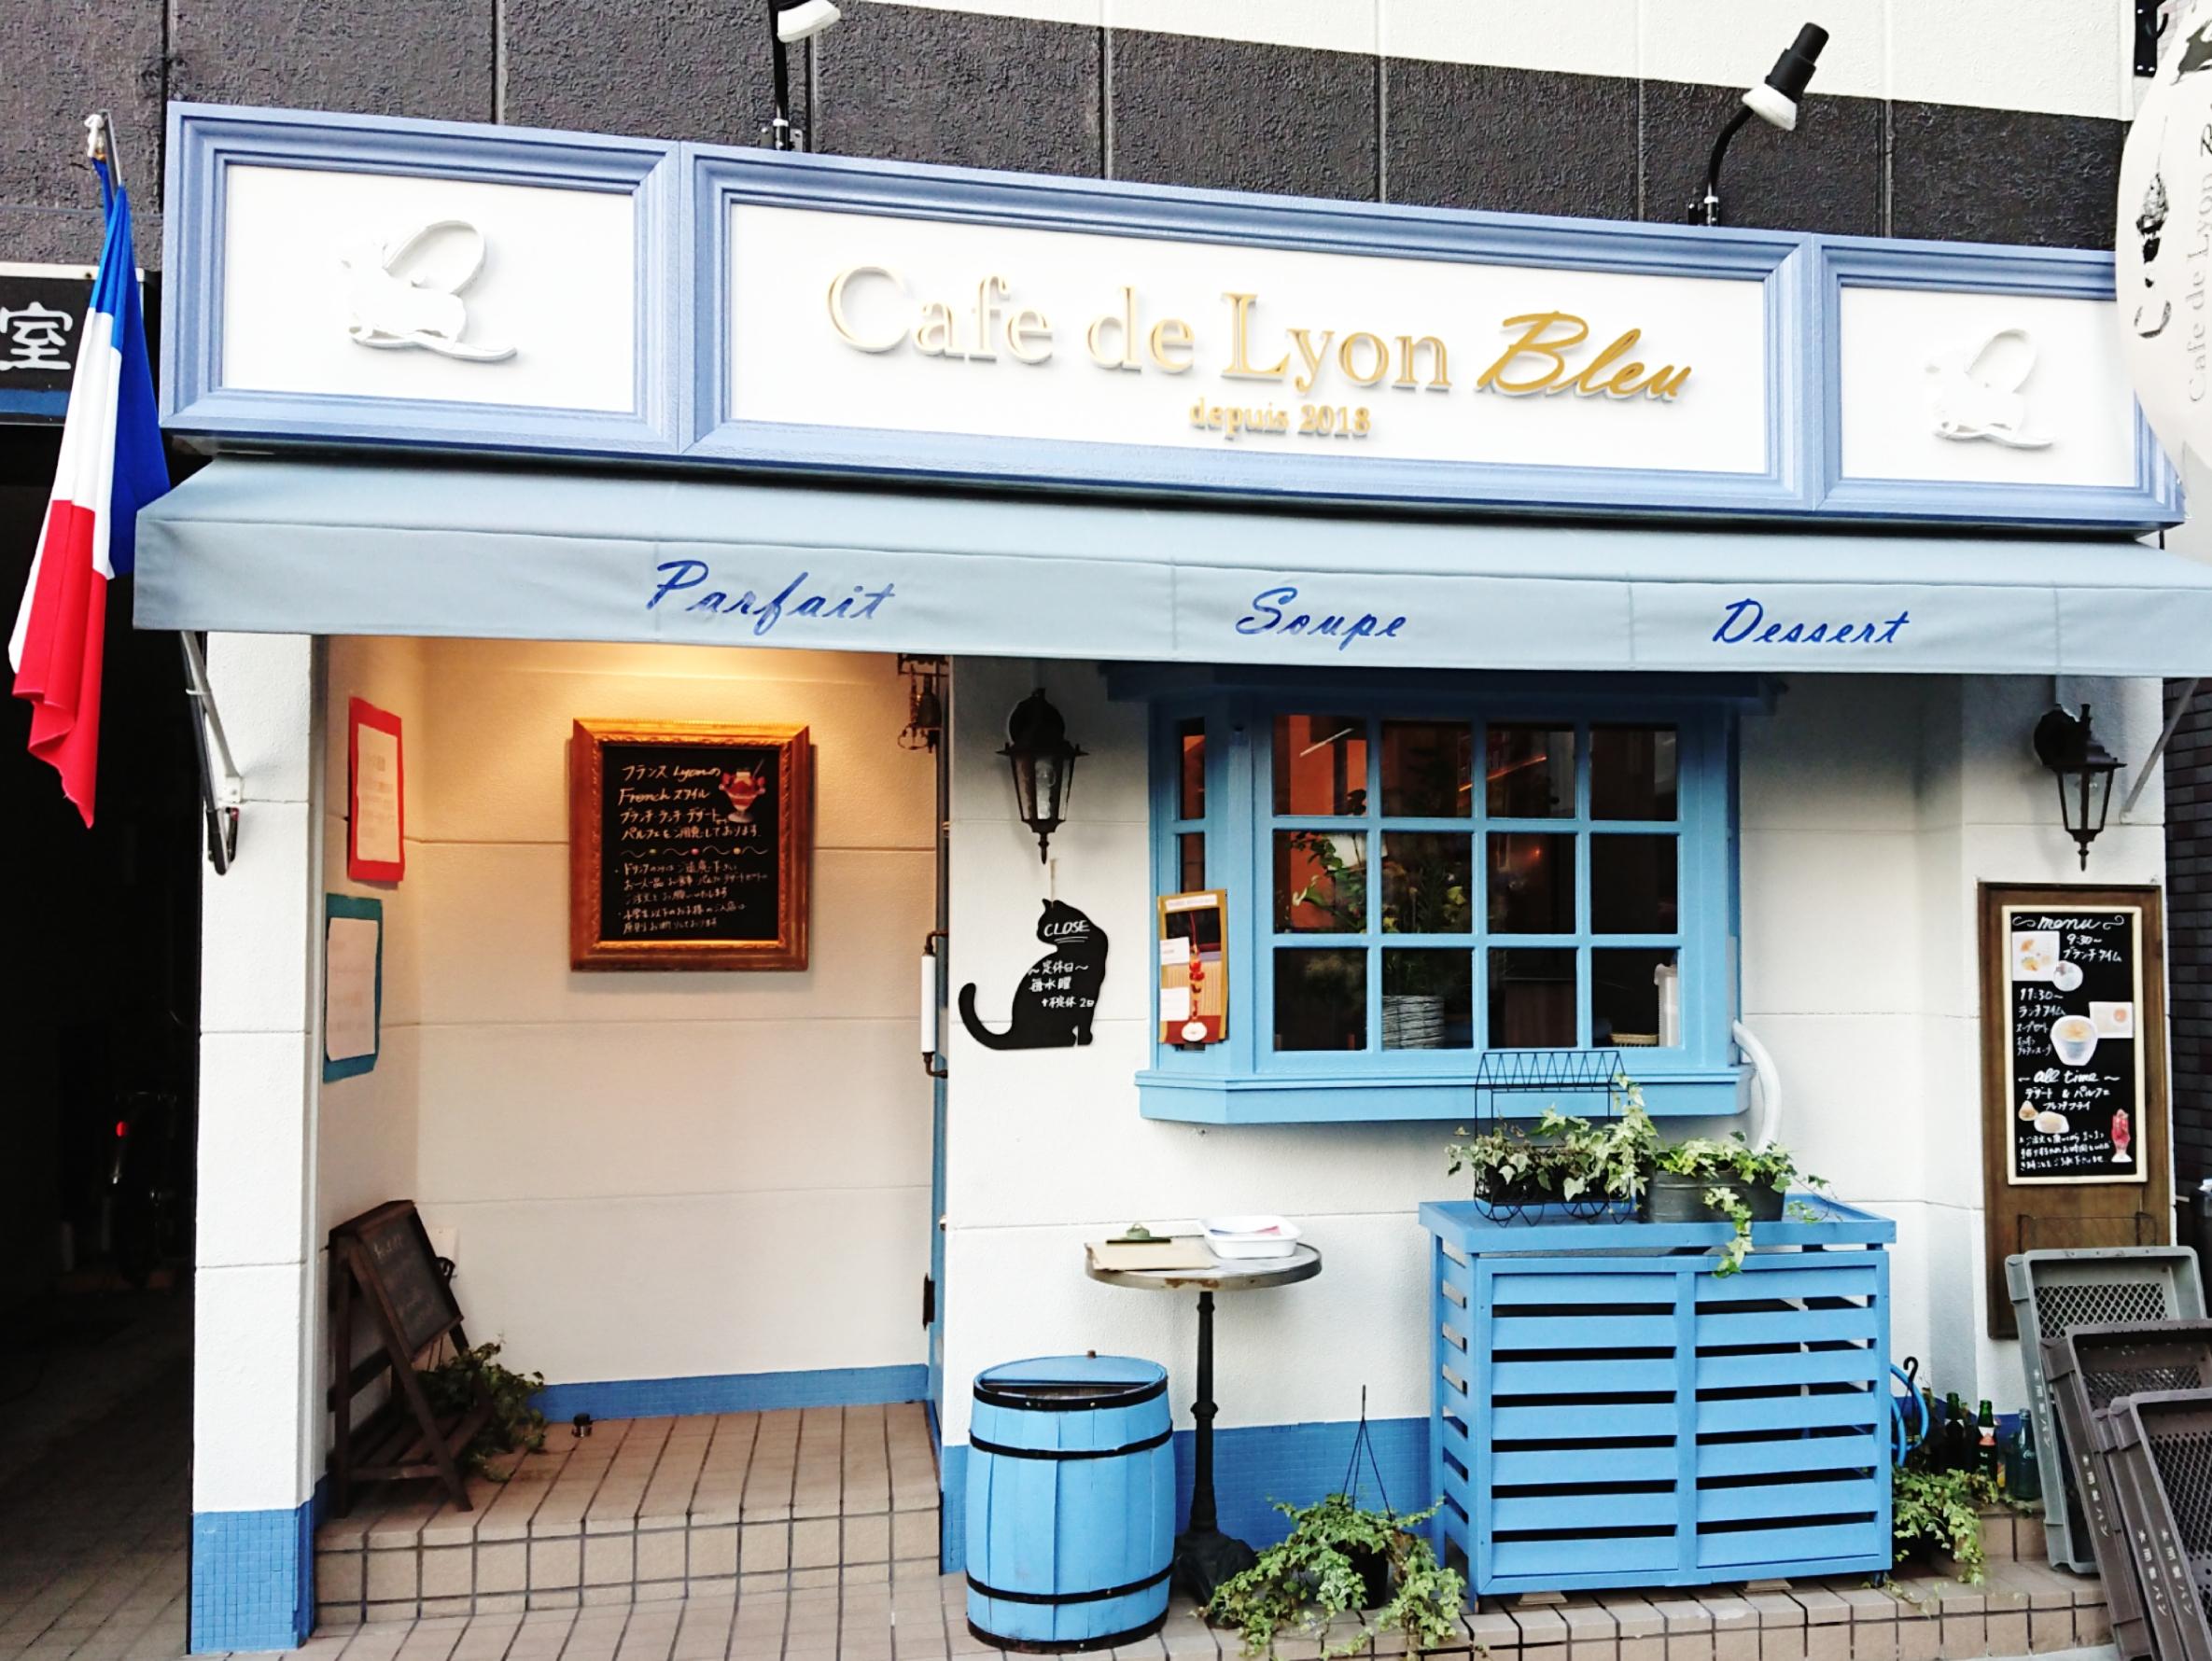 パフェが人気のカフェ2号店がオープン『カフェ ド リオン ブルー』